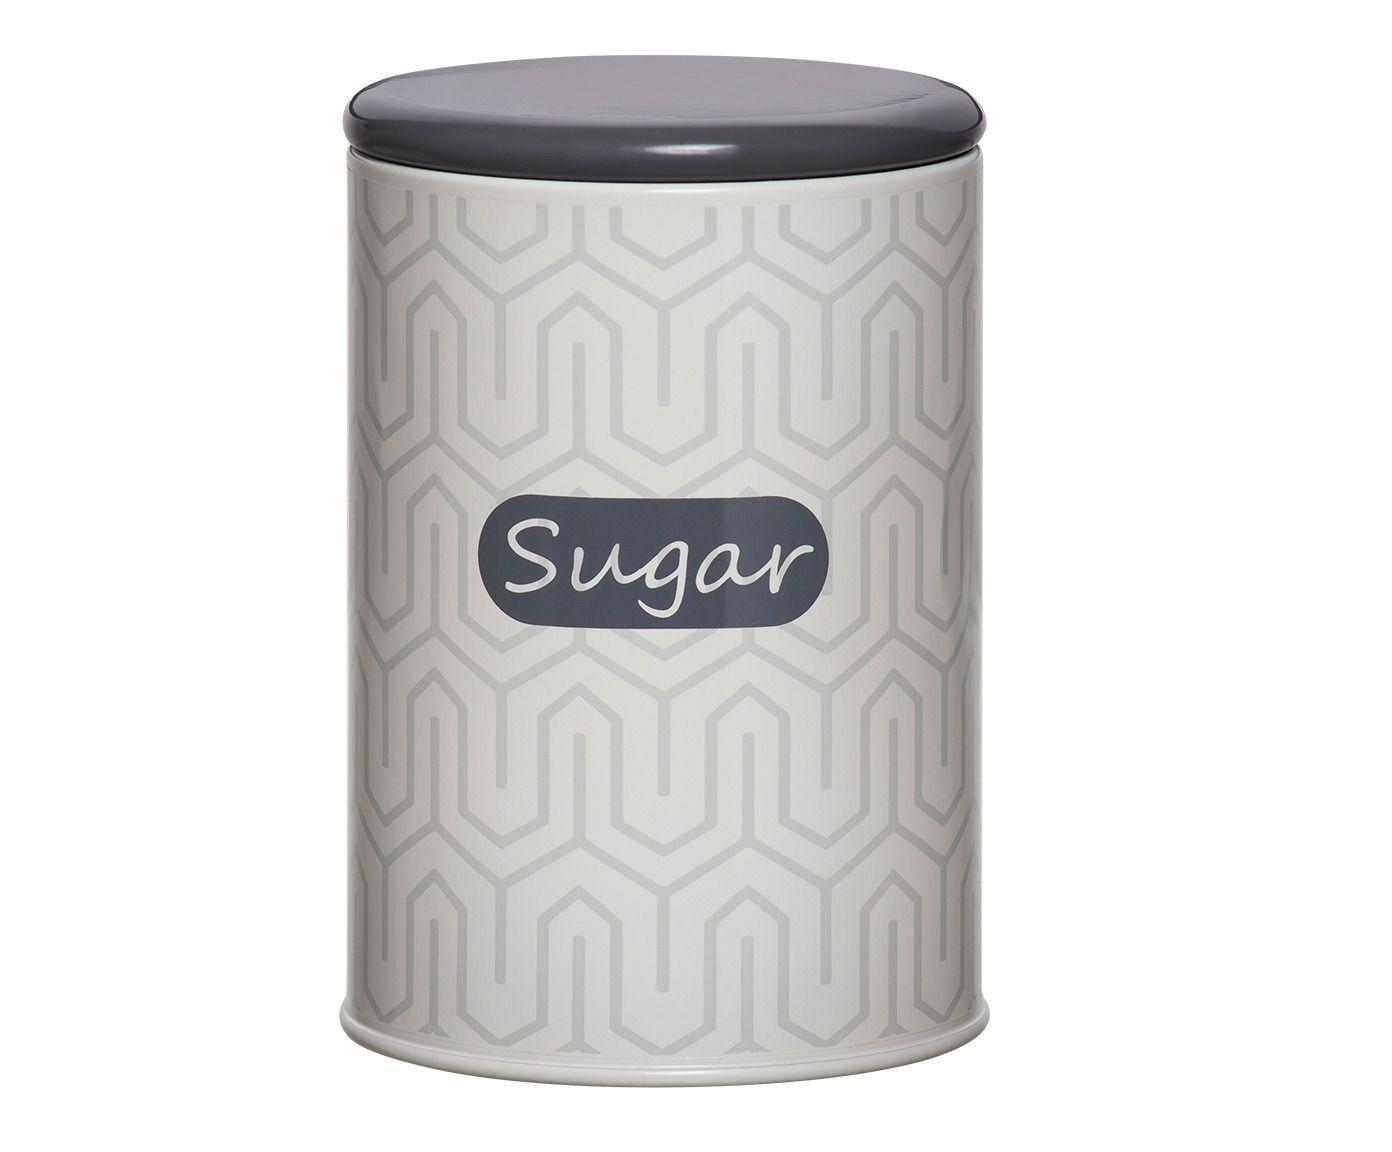 Porta-Condimentos Patterns Sugar - 11,3X15,7X11,3cm   Westwing.com.br